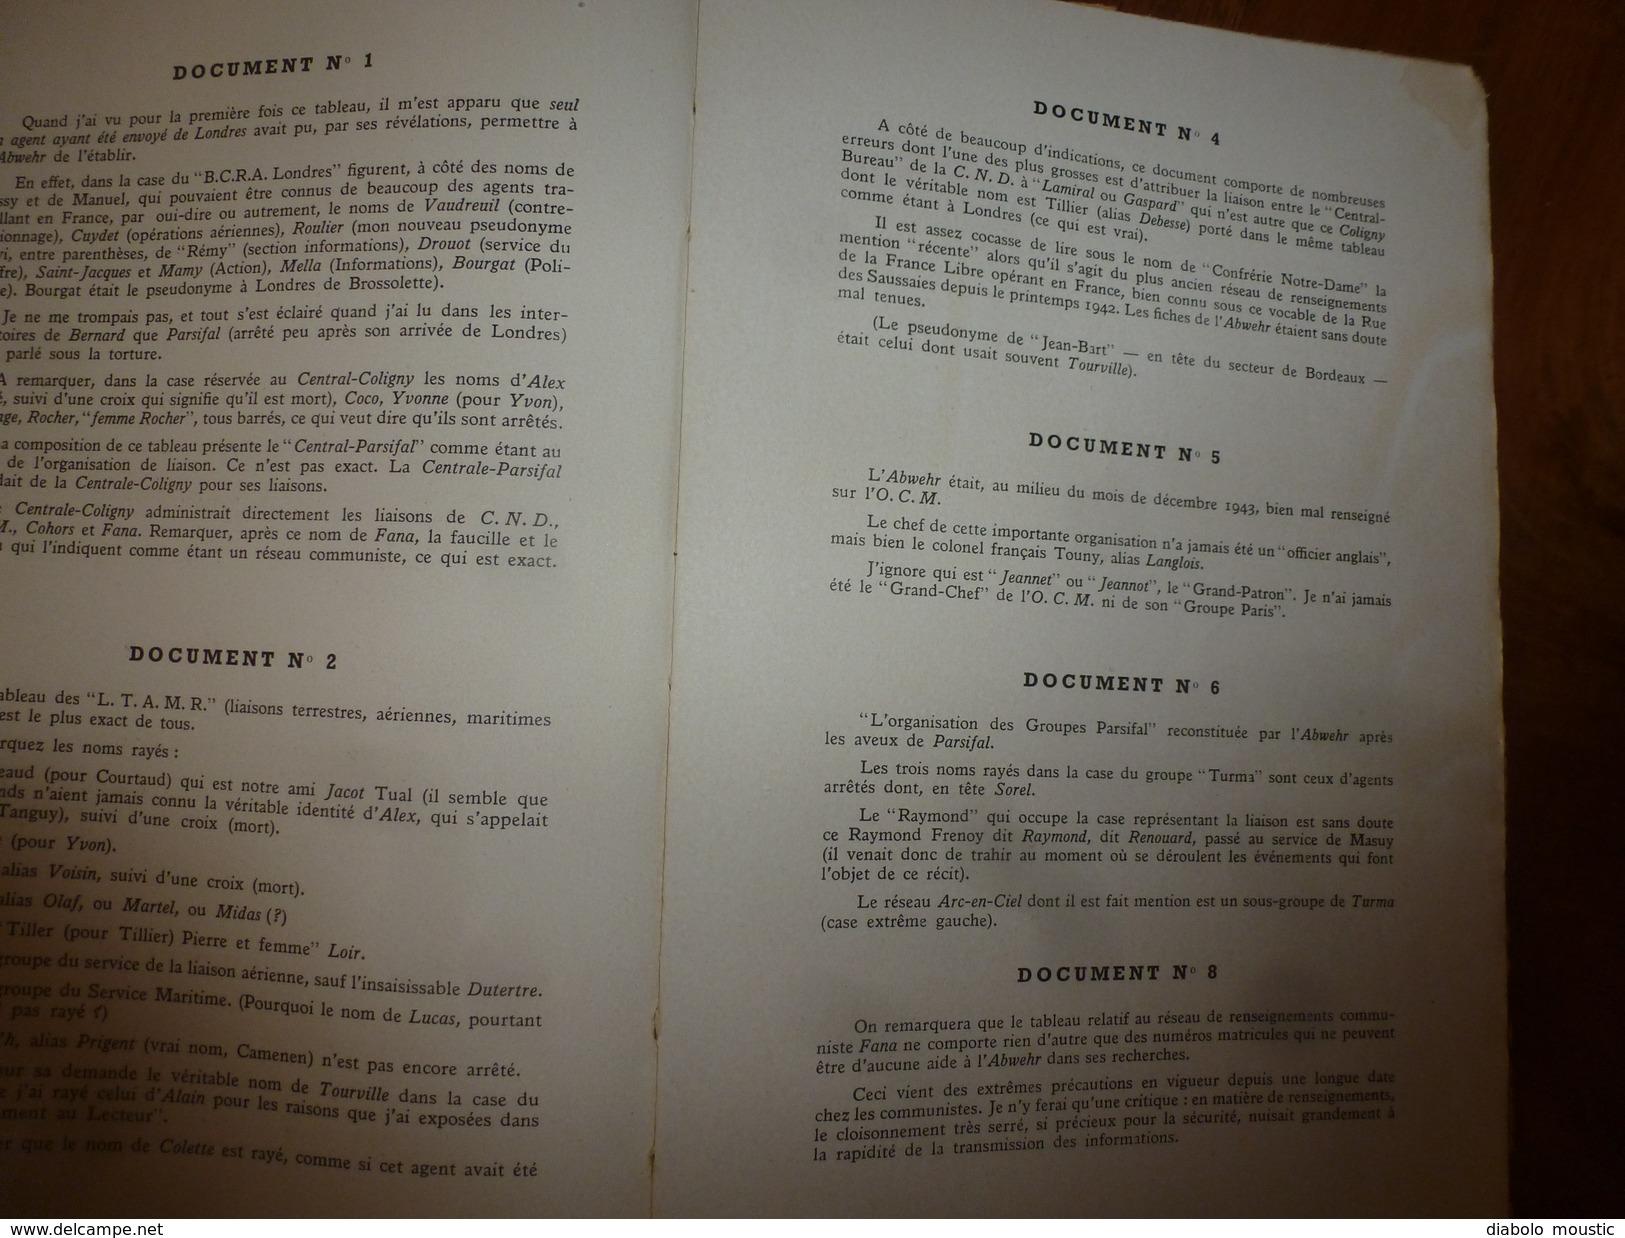 1947 UNE AFFAIRE DE TRAHISON Par REMY Dédicacé à Charles Breton CHEF RESISTANT,pour Service Rendu à L'OCM,photographies - Books